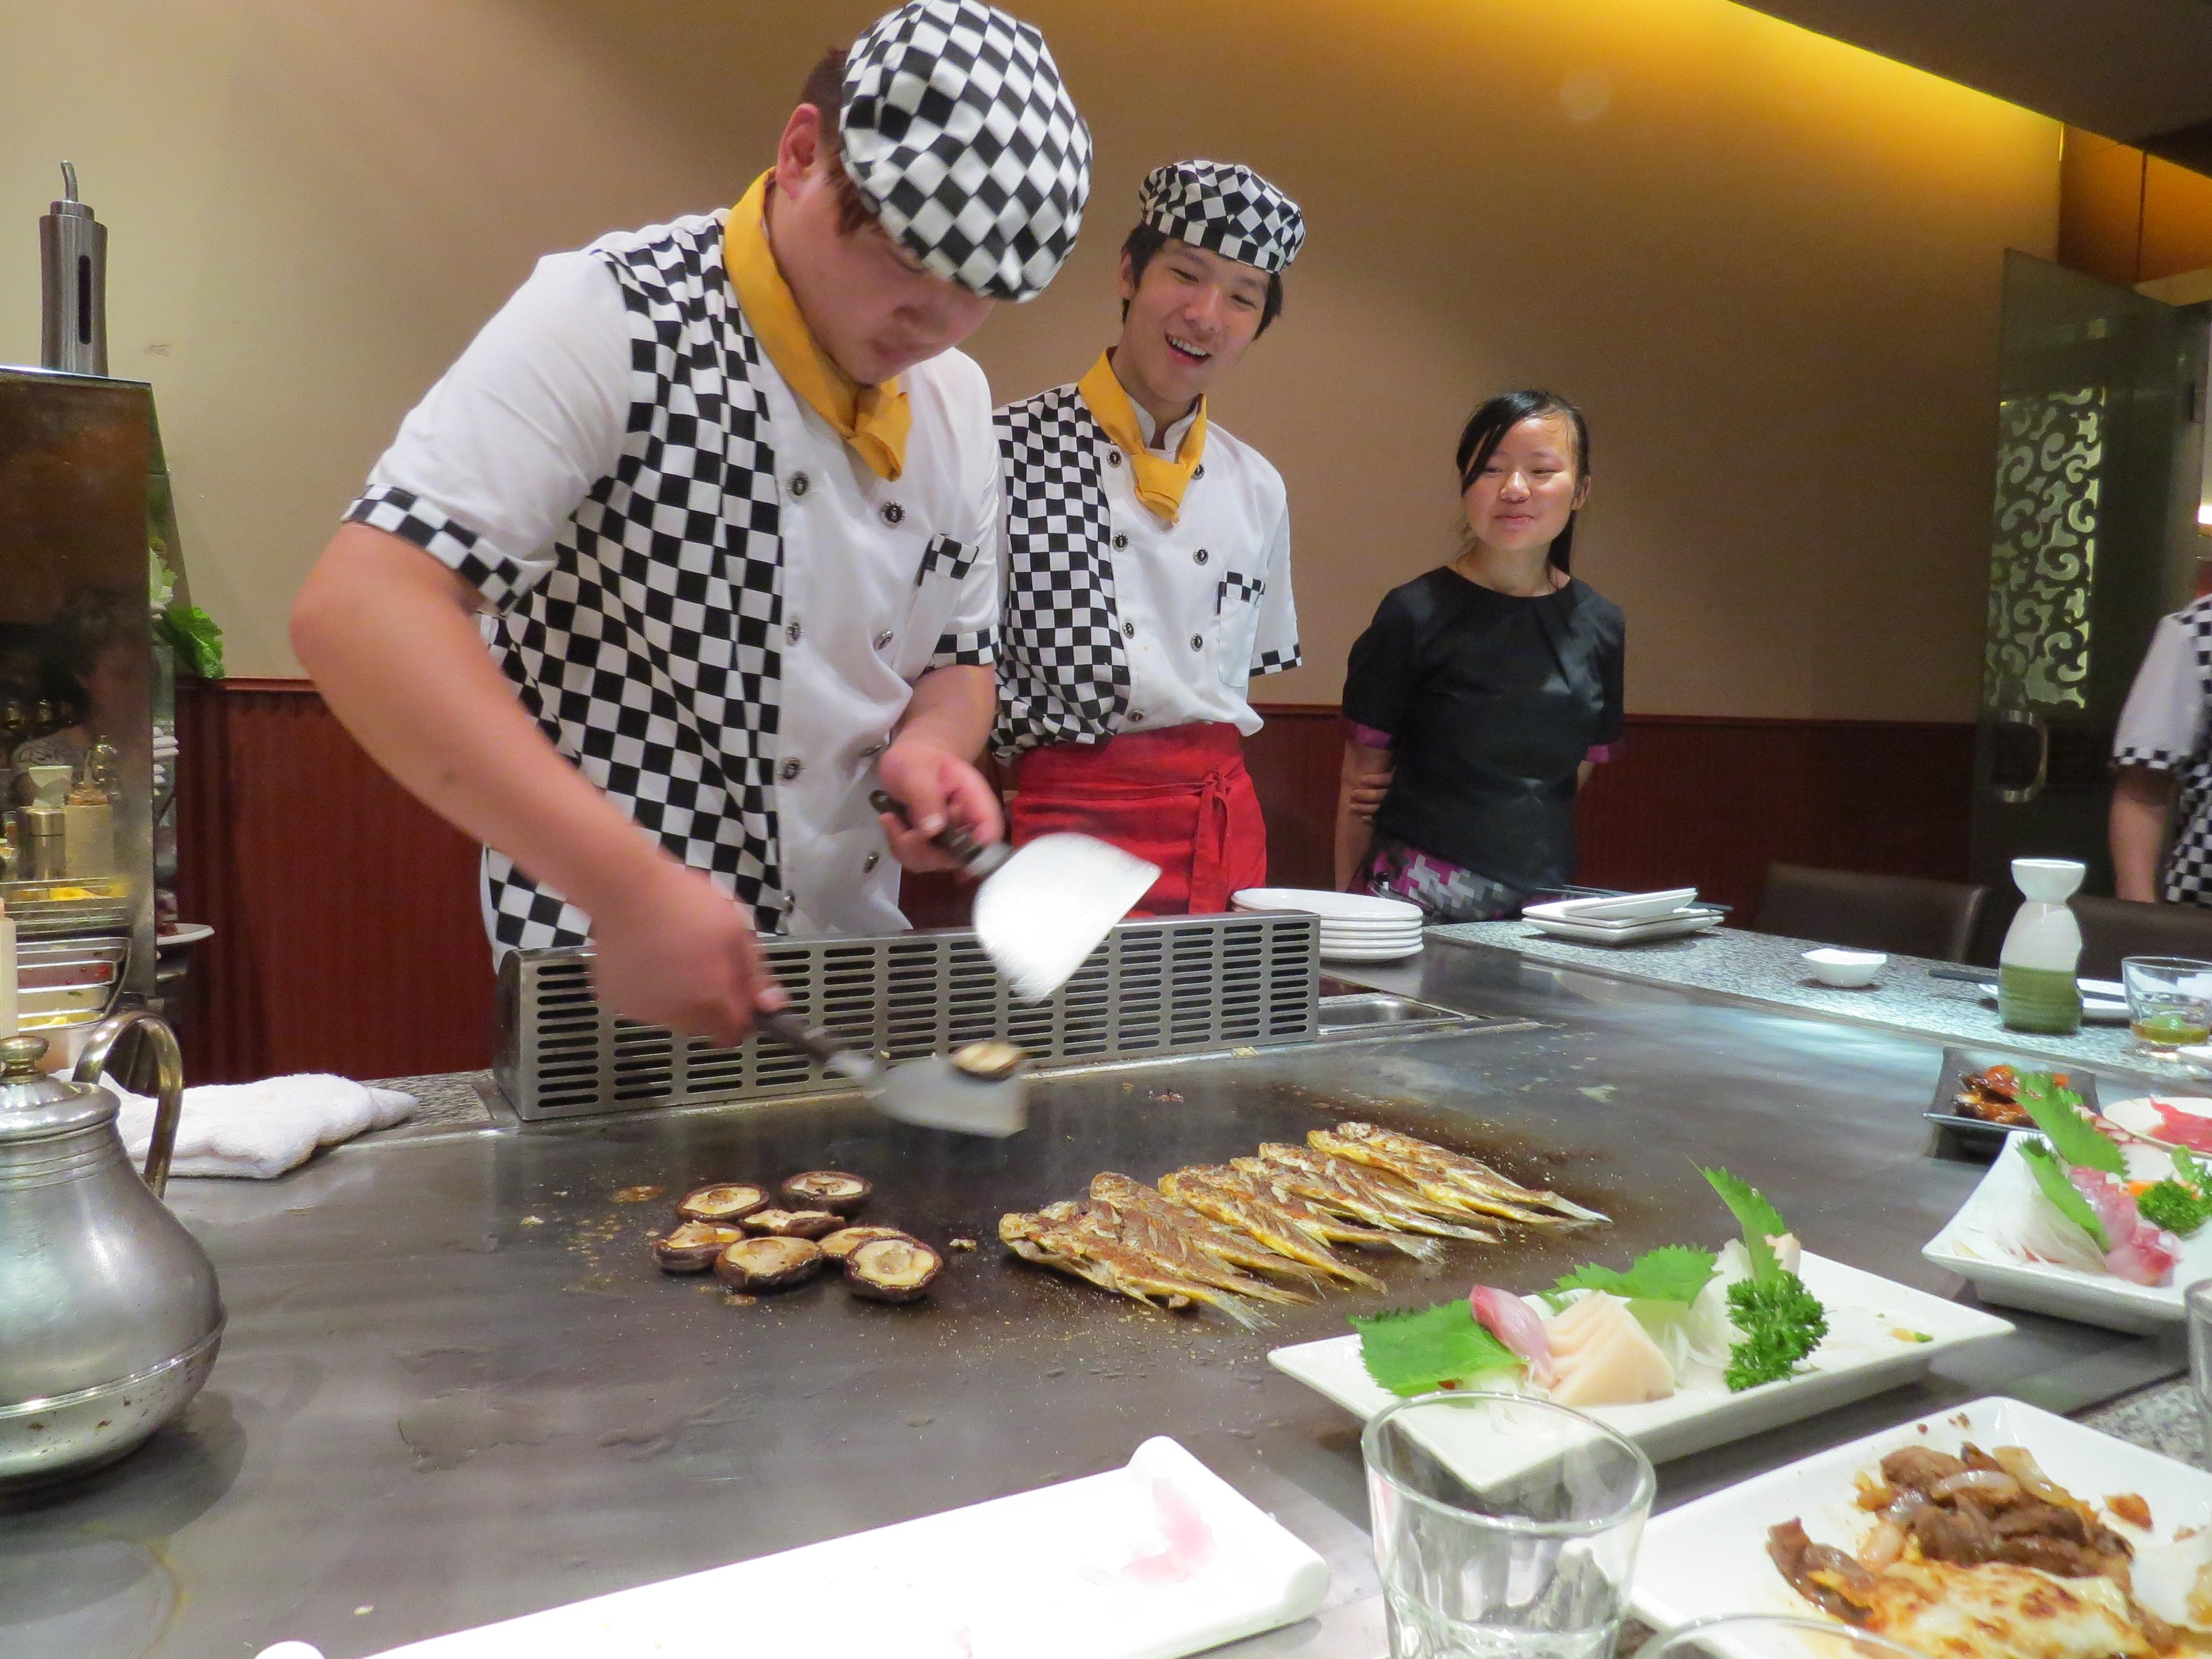 Kucharze gotujący przed gośćmi